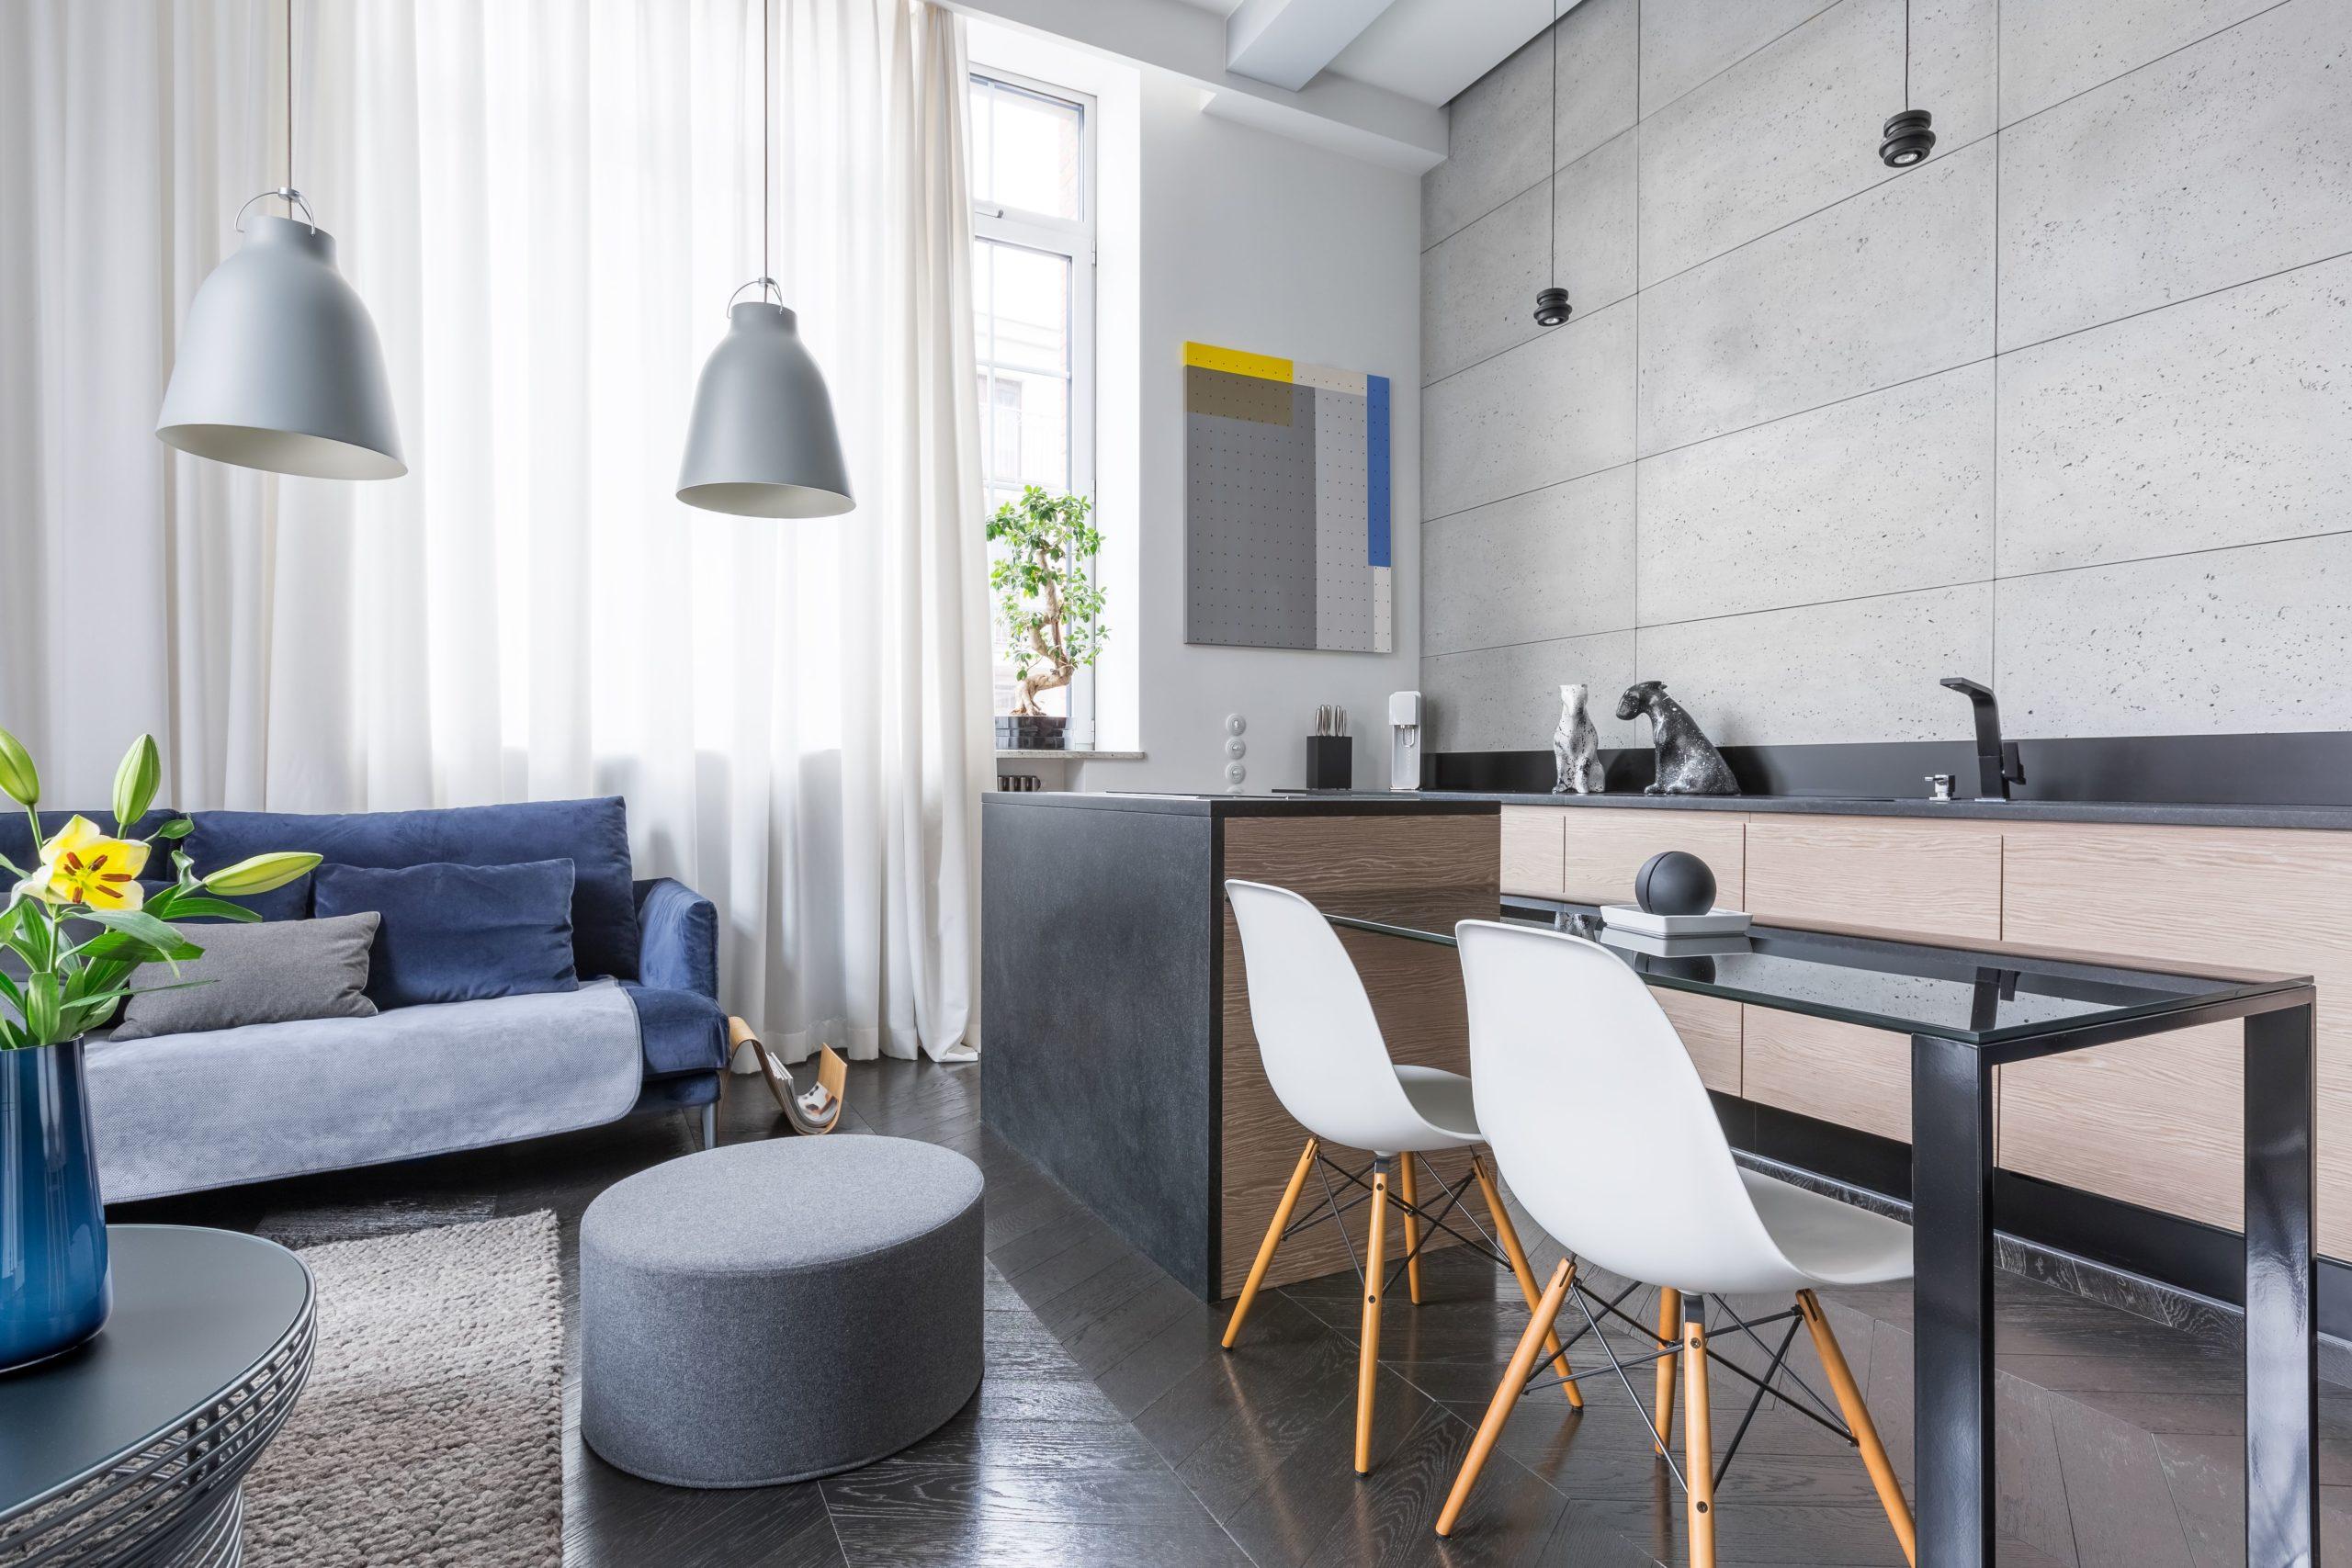 Soggiorno Con Angolo Cottura Ikea come arredare un angolo cottura - del taibo property solutions